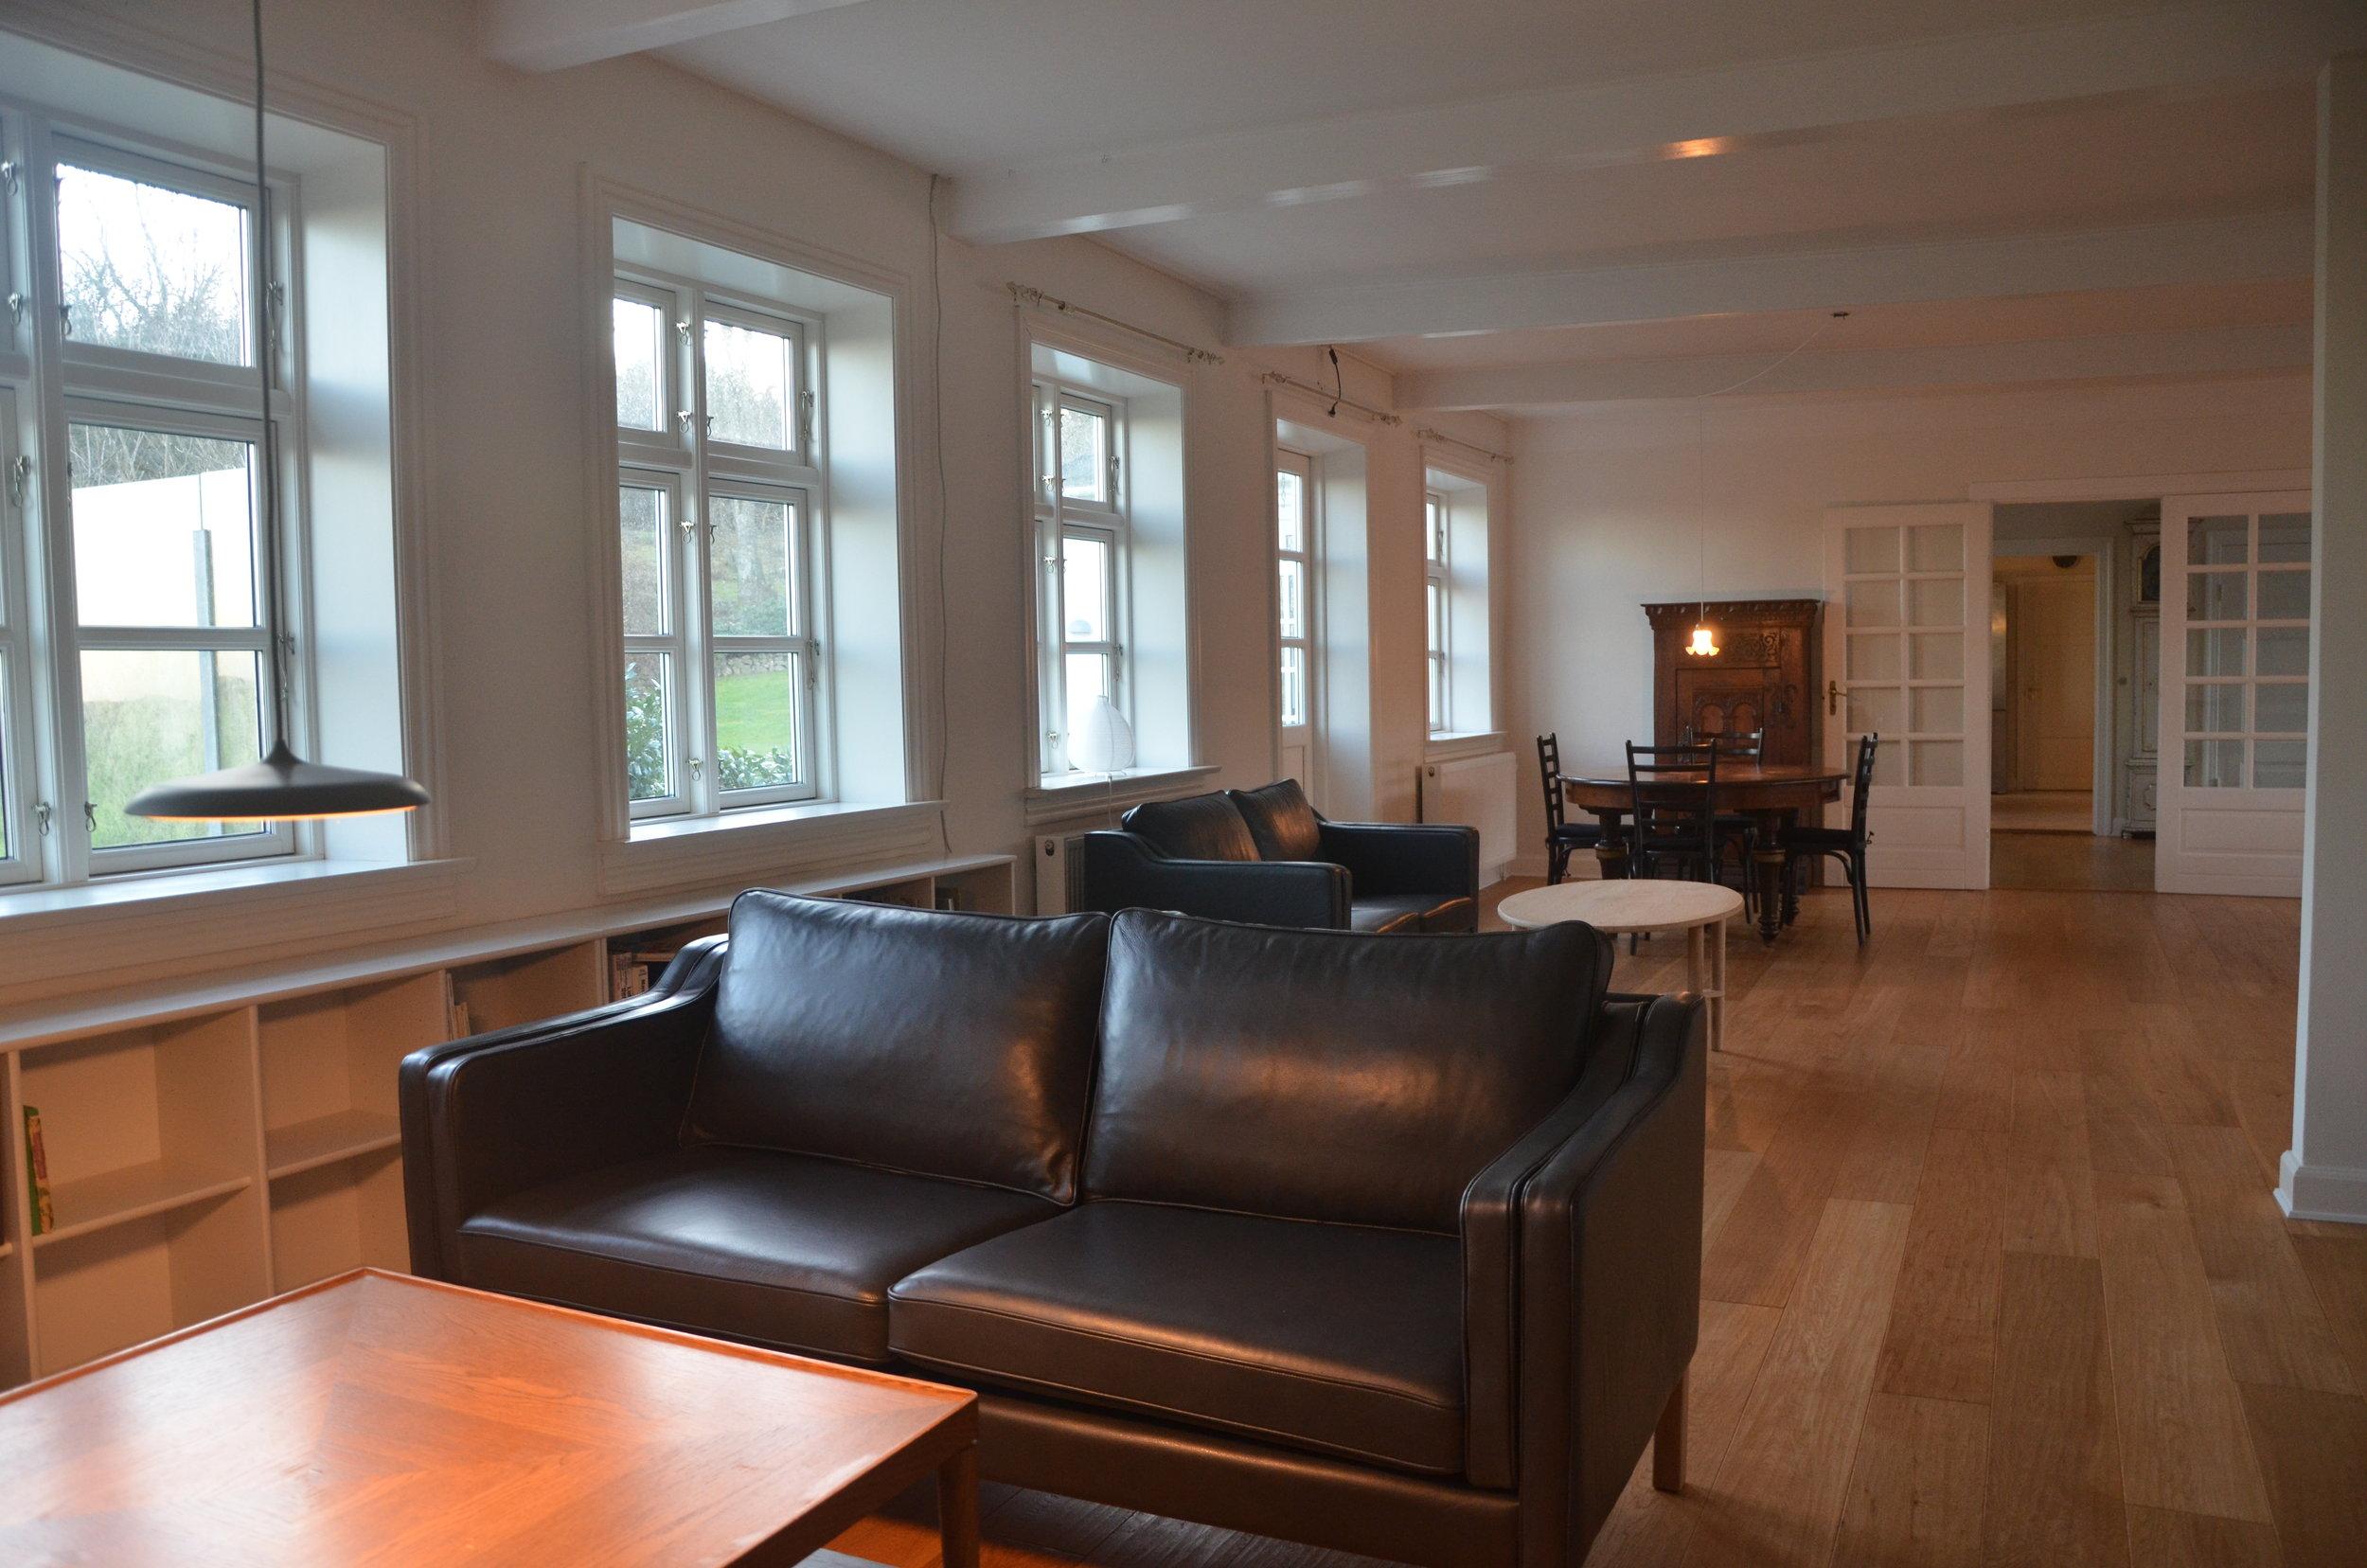 B Living Room 2.JPG